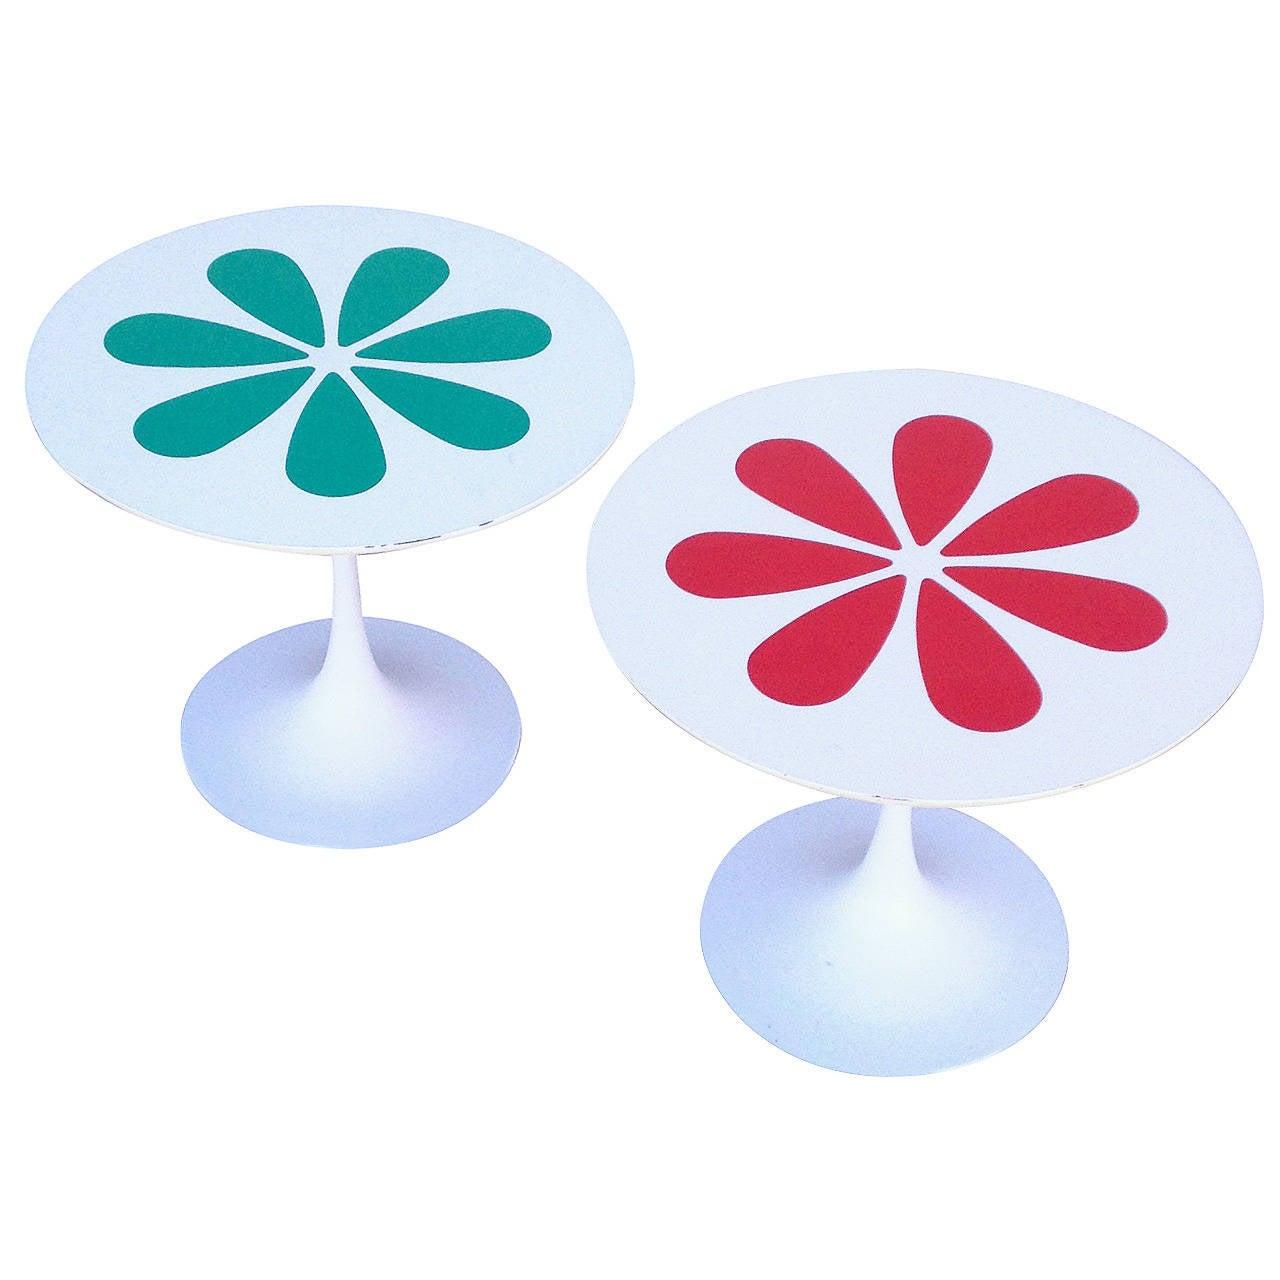 Burke Tulip Tables with Laminate Flower Motif inspired by Eero Saarinen